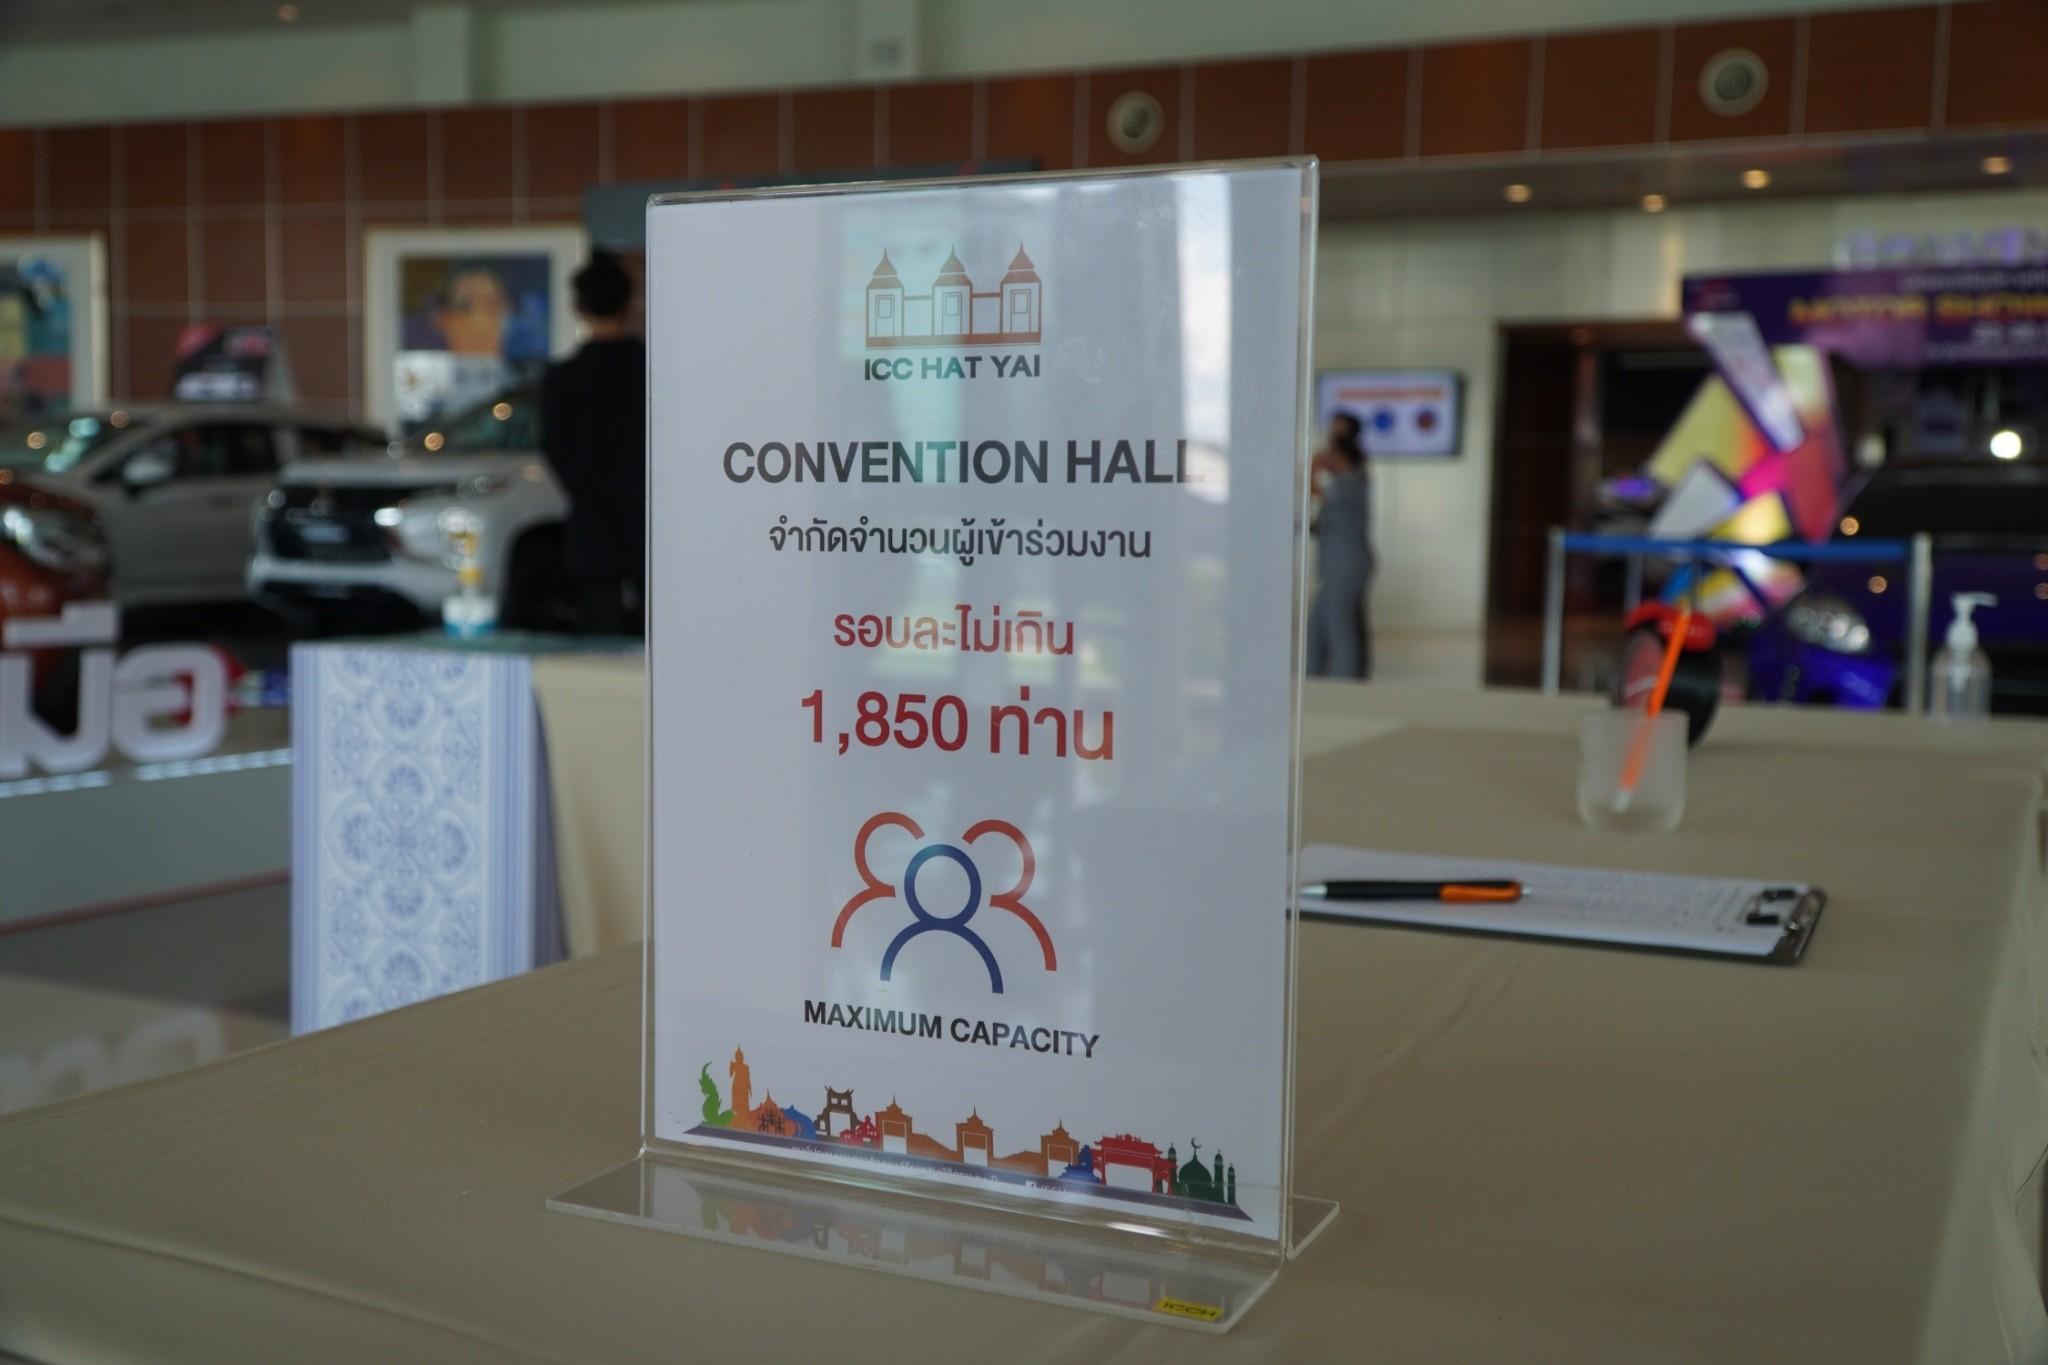 ทางศูนย์ประชุมได้มีการจำกัดจำนวนคนไม่เกิน 1,850 ท่าน